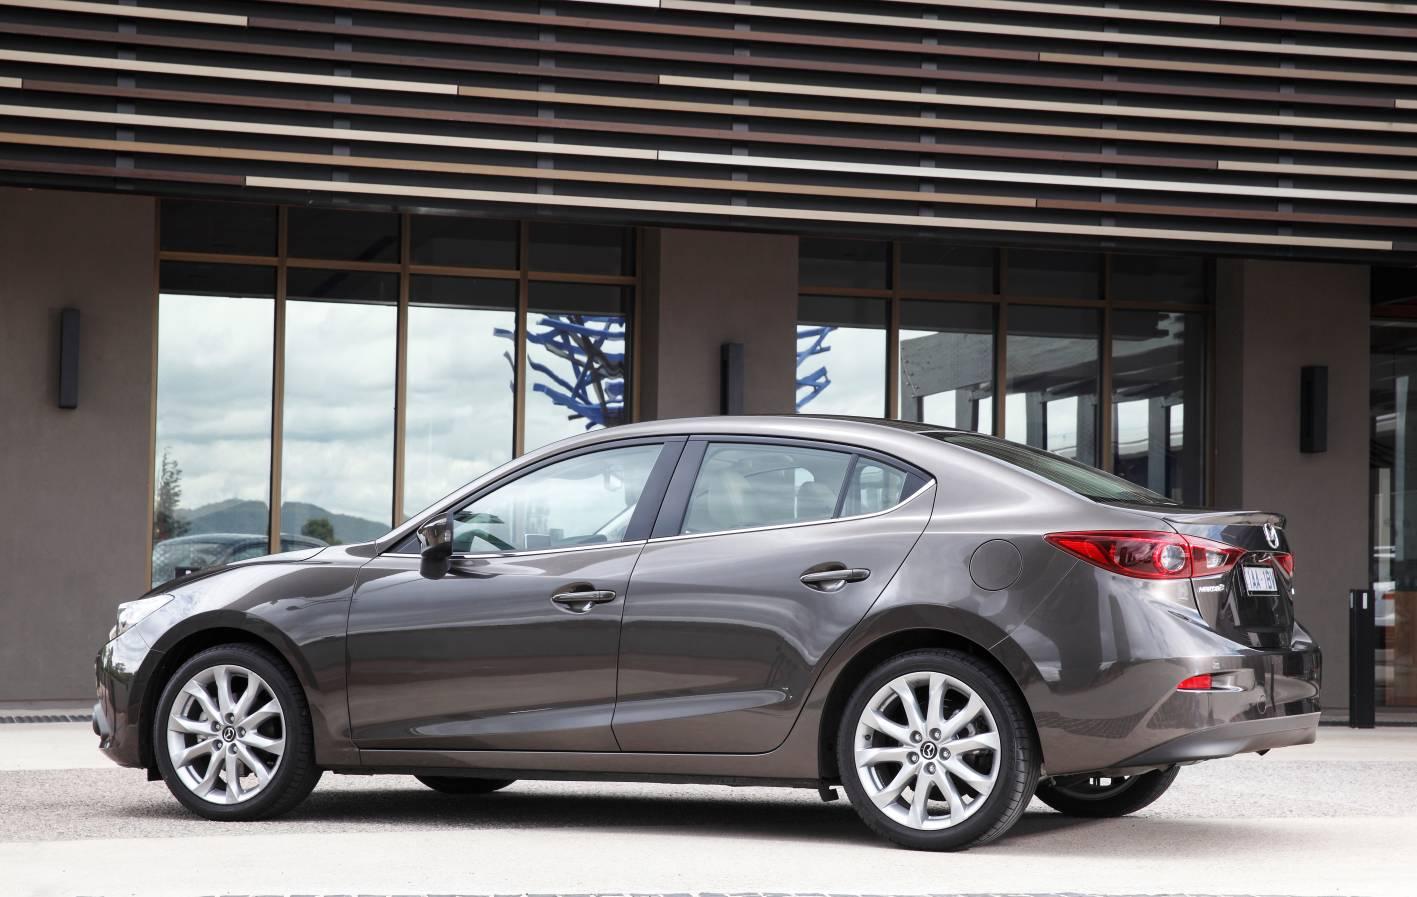 2014 Mazda3 on sale in Australia from $20,490 | PerformanceDrive